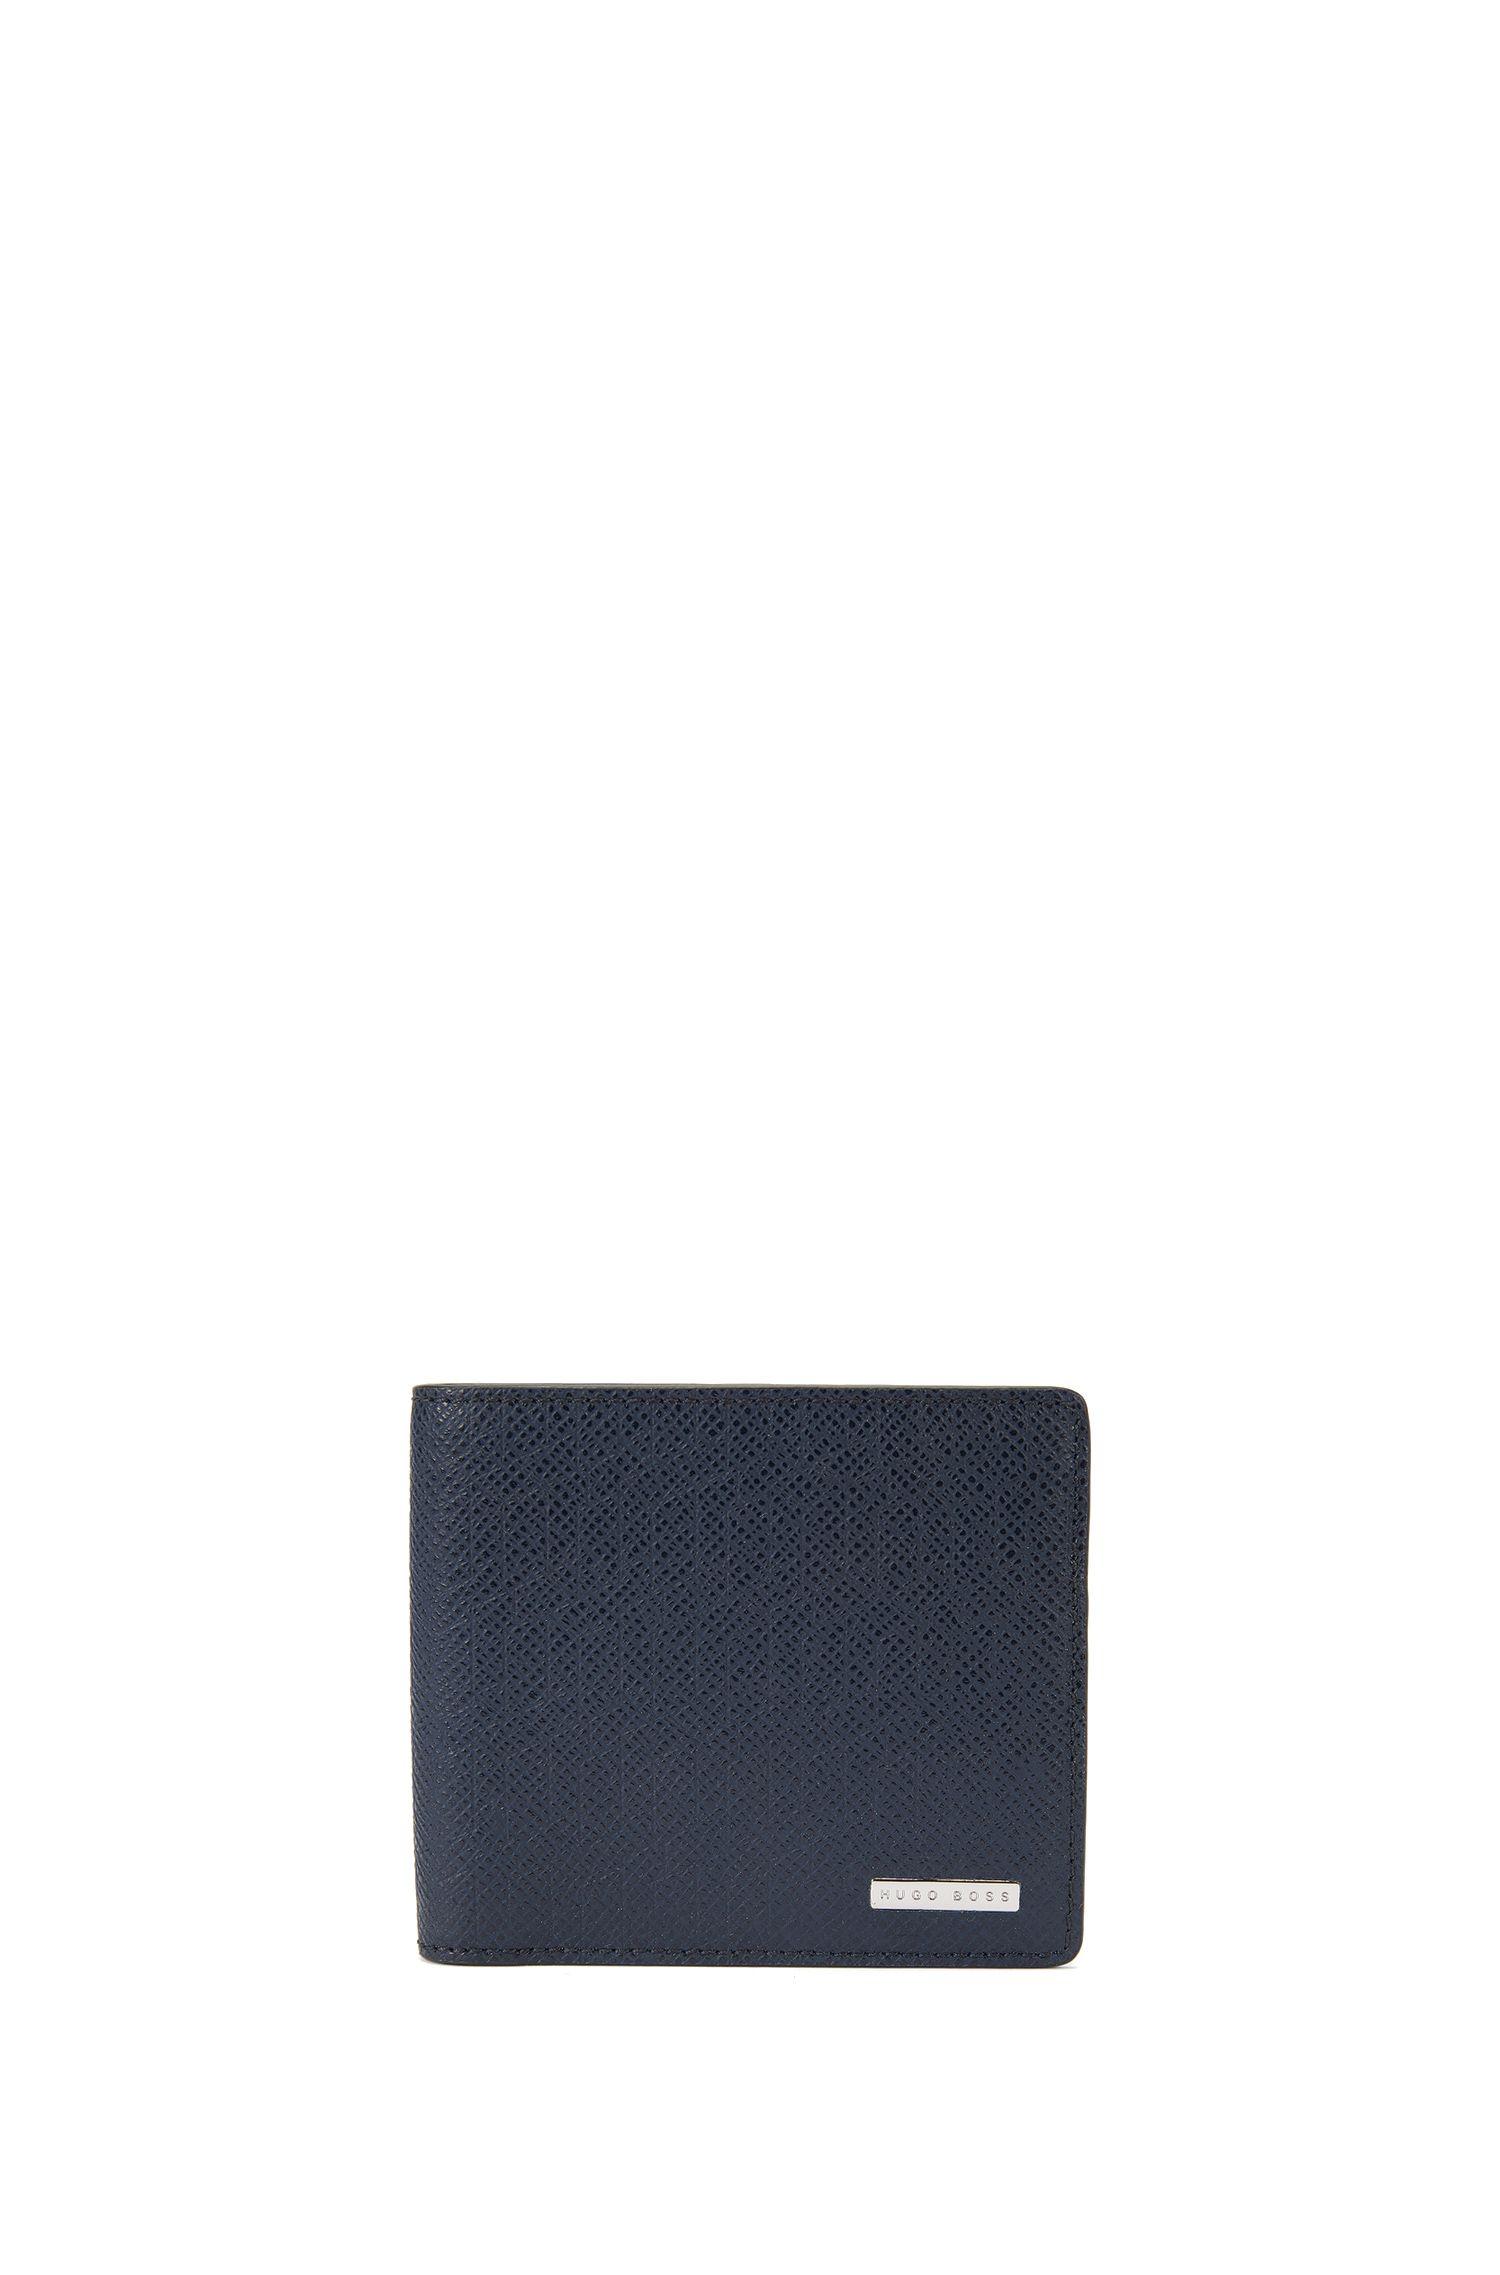 Portafoglio ripiegabile Signature Holiday Edition in pelle con 8 scomparti per carte di credito